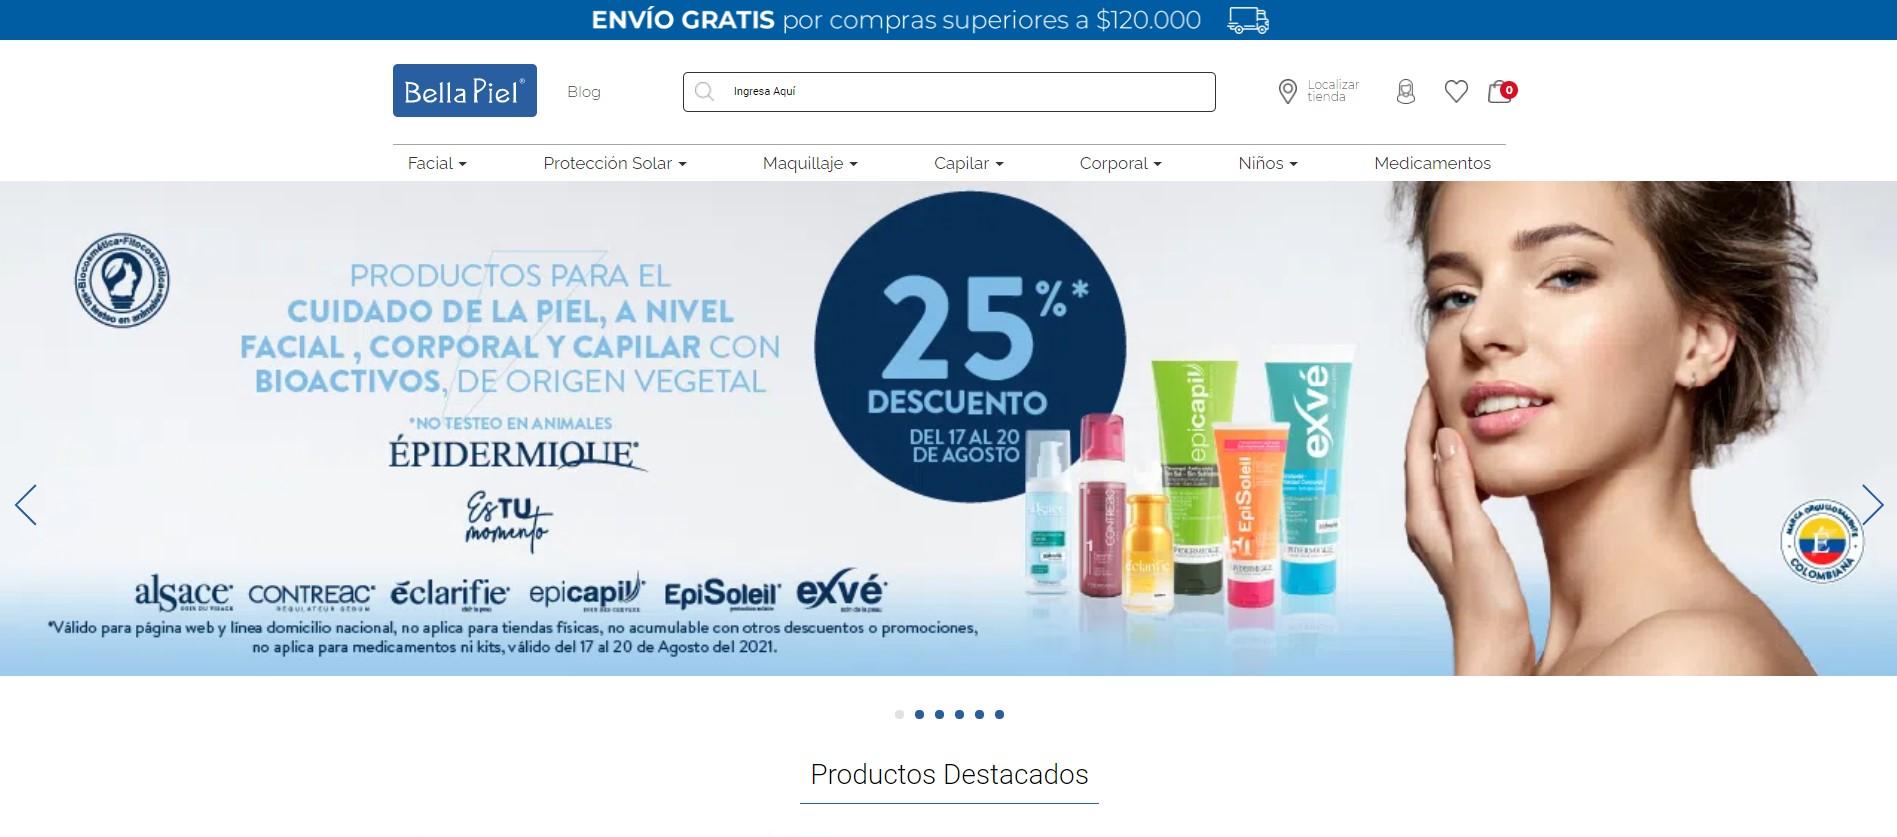 Ejemplos B2C de e-commerce exitosos en Colombia de Belleza en 2021: Bella Piel